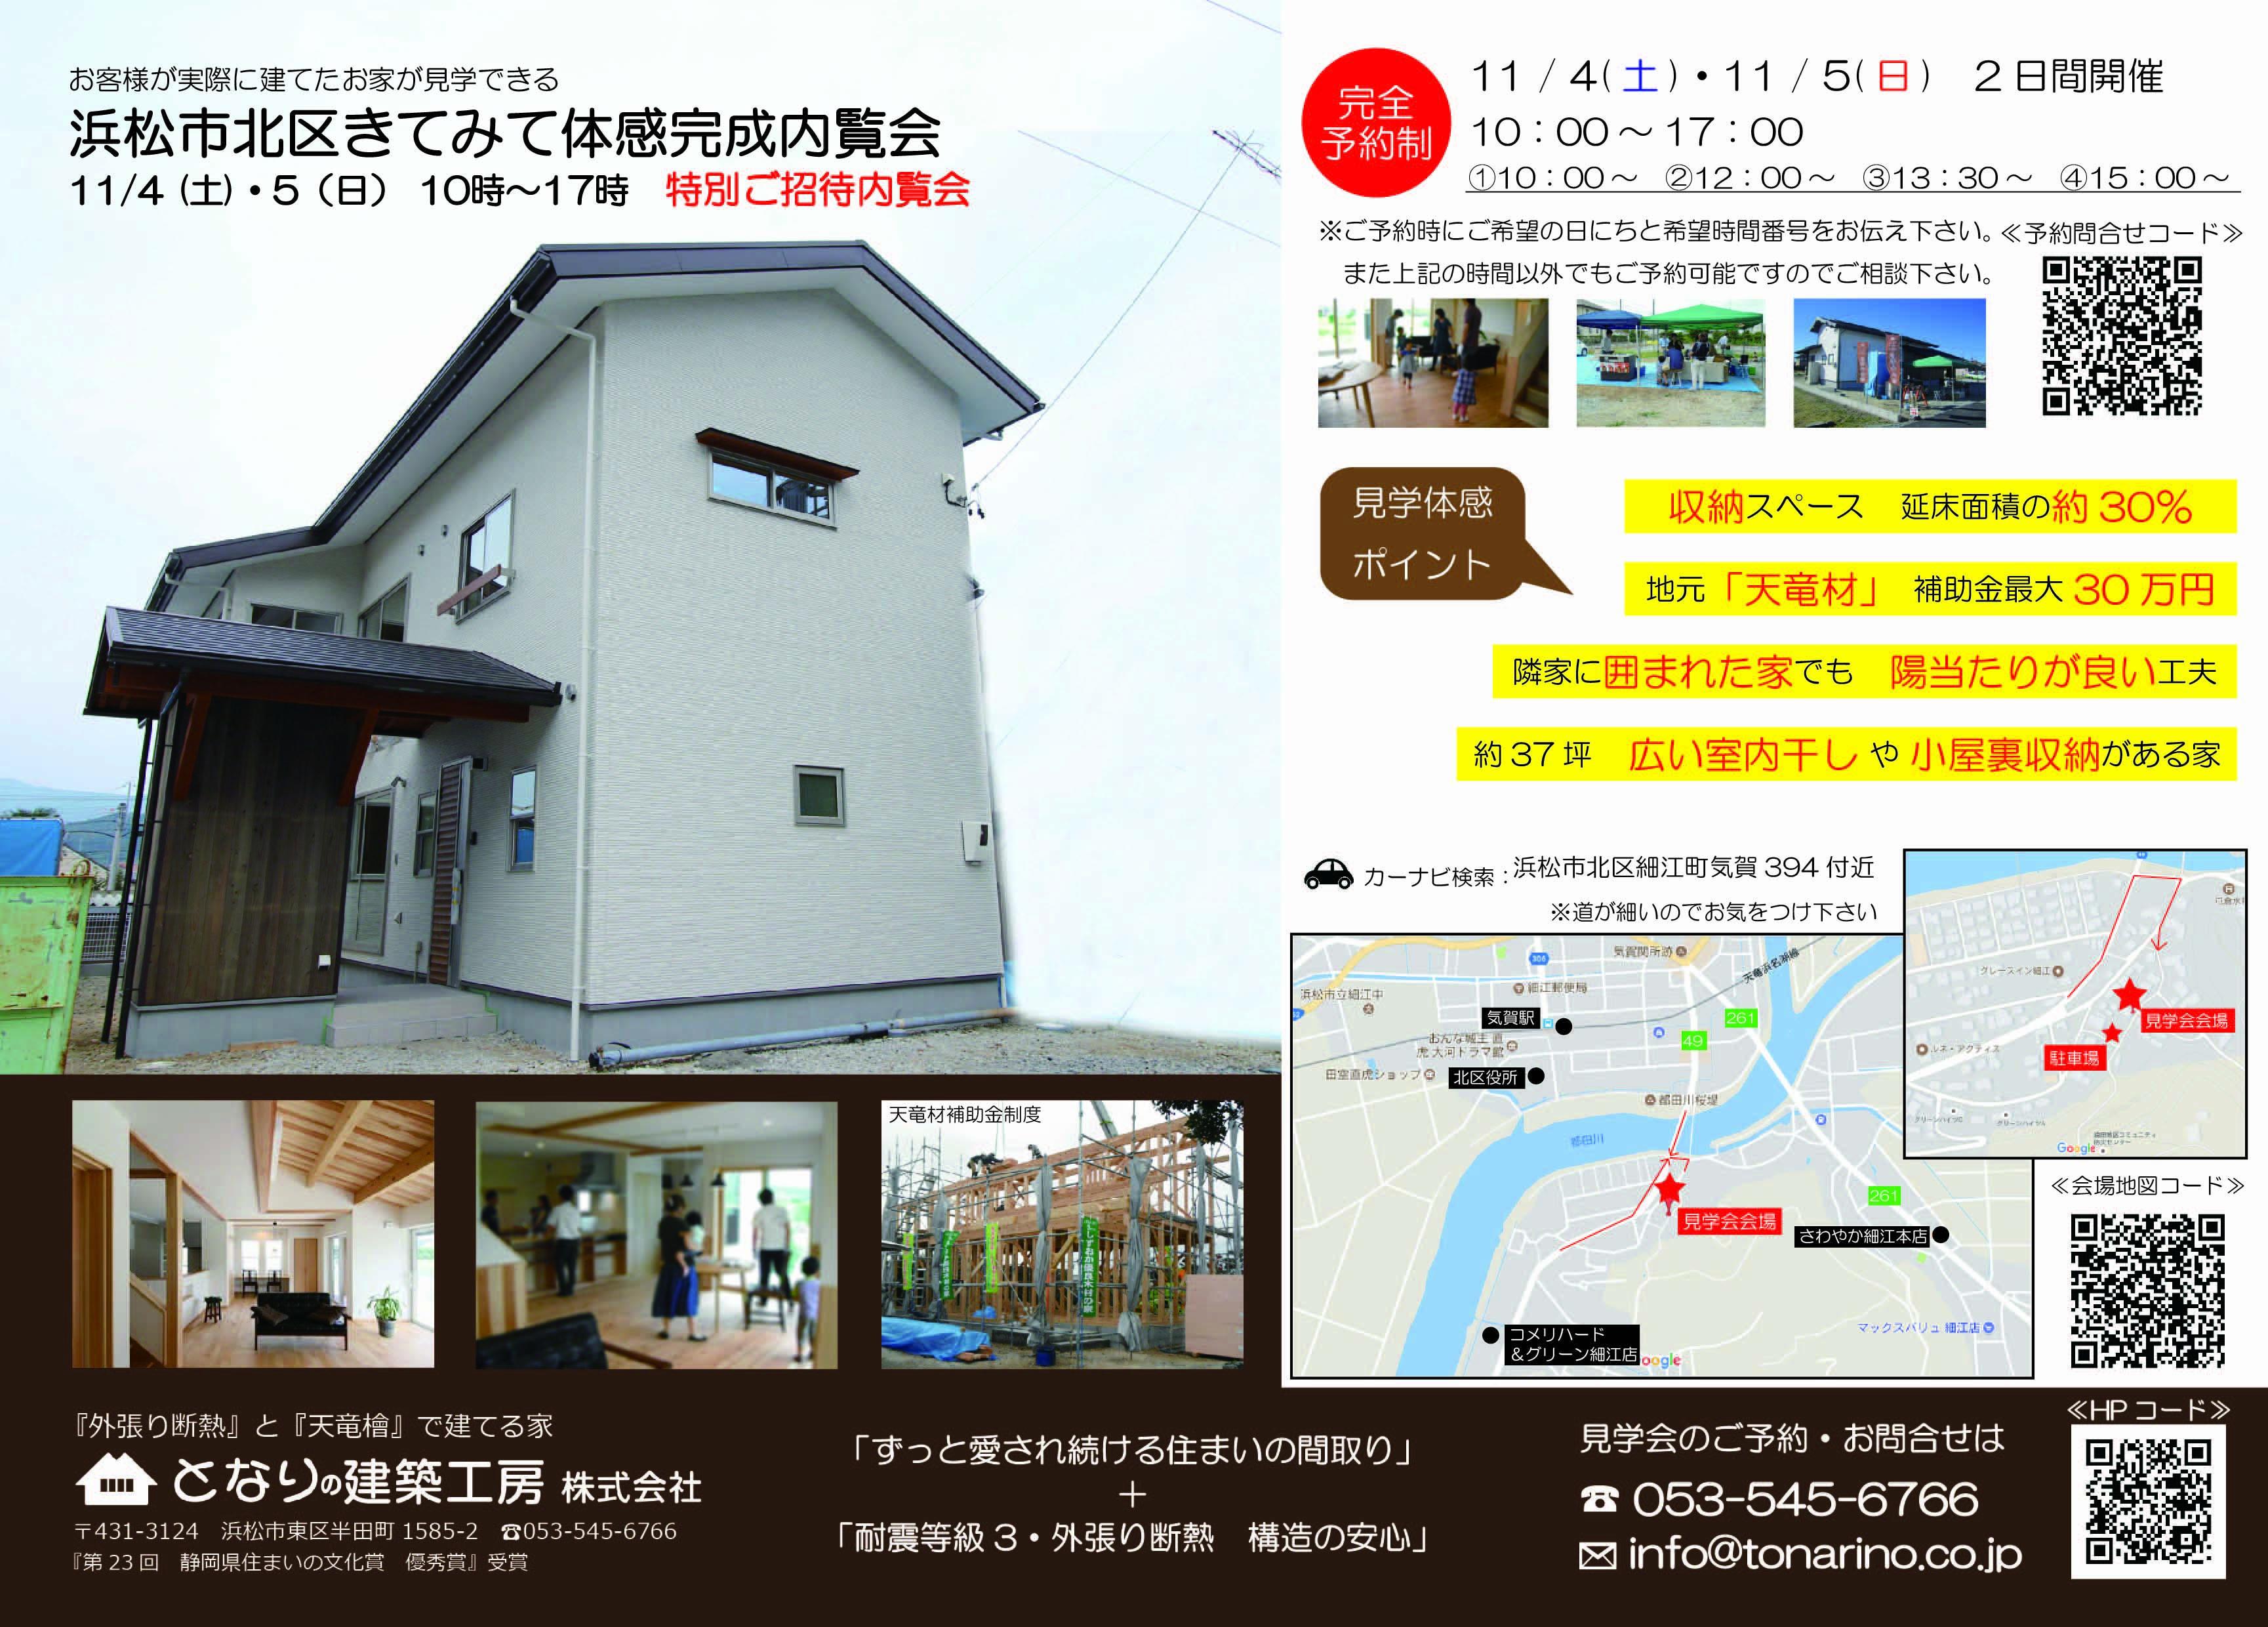 11/4・5(土・日)浜松市北区 予約制内覧会開催!